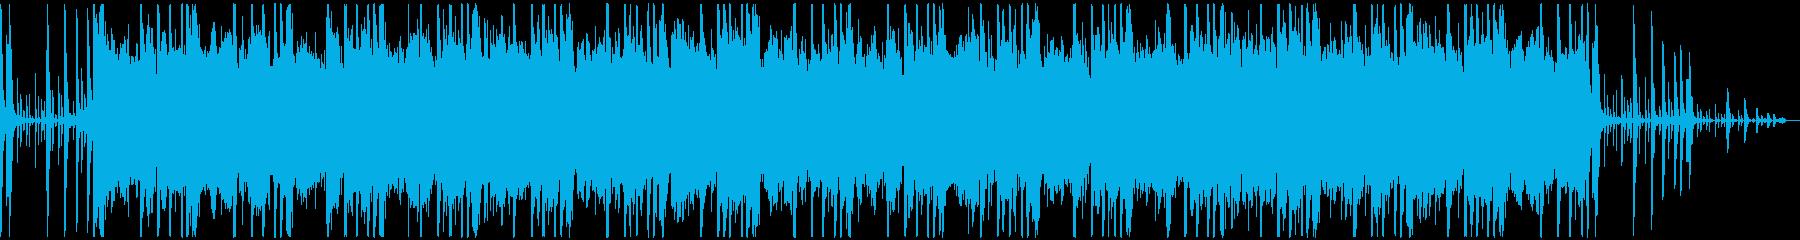 自然の風景に合うBGMの再生済みの波形